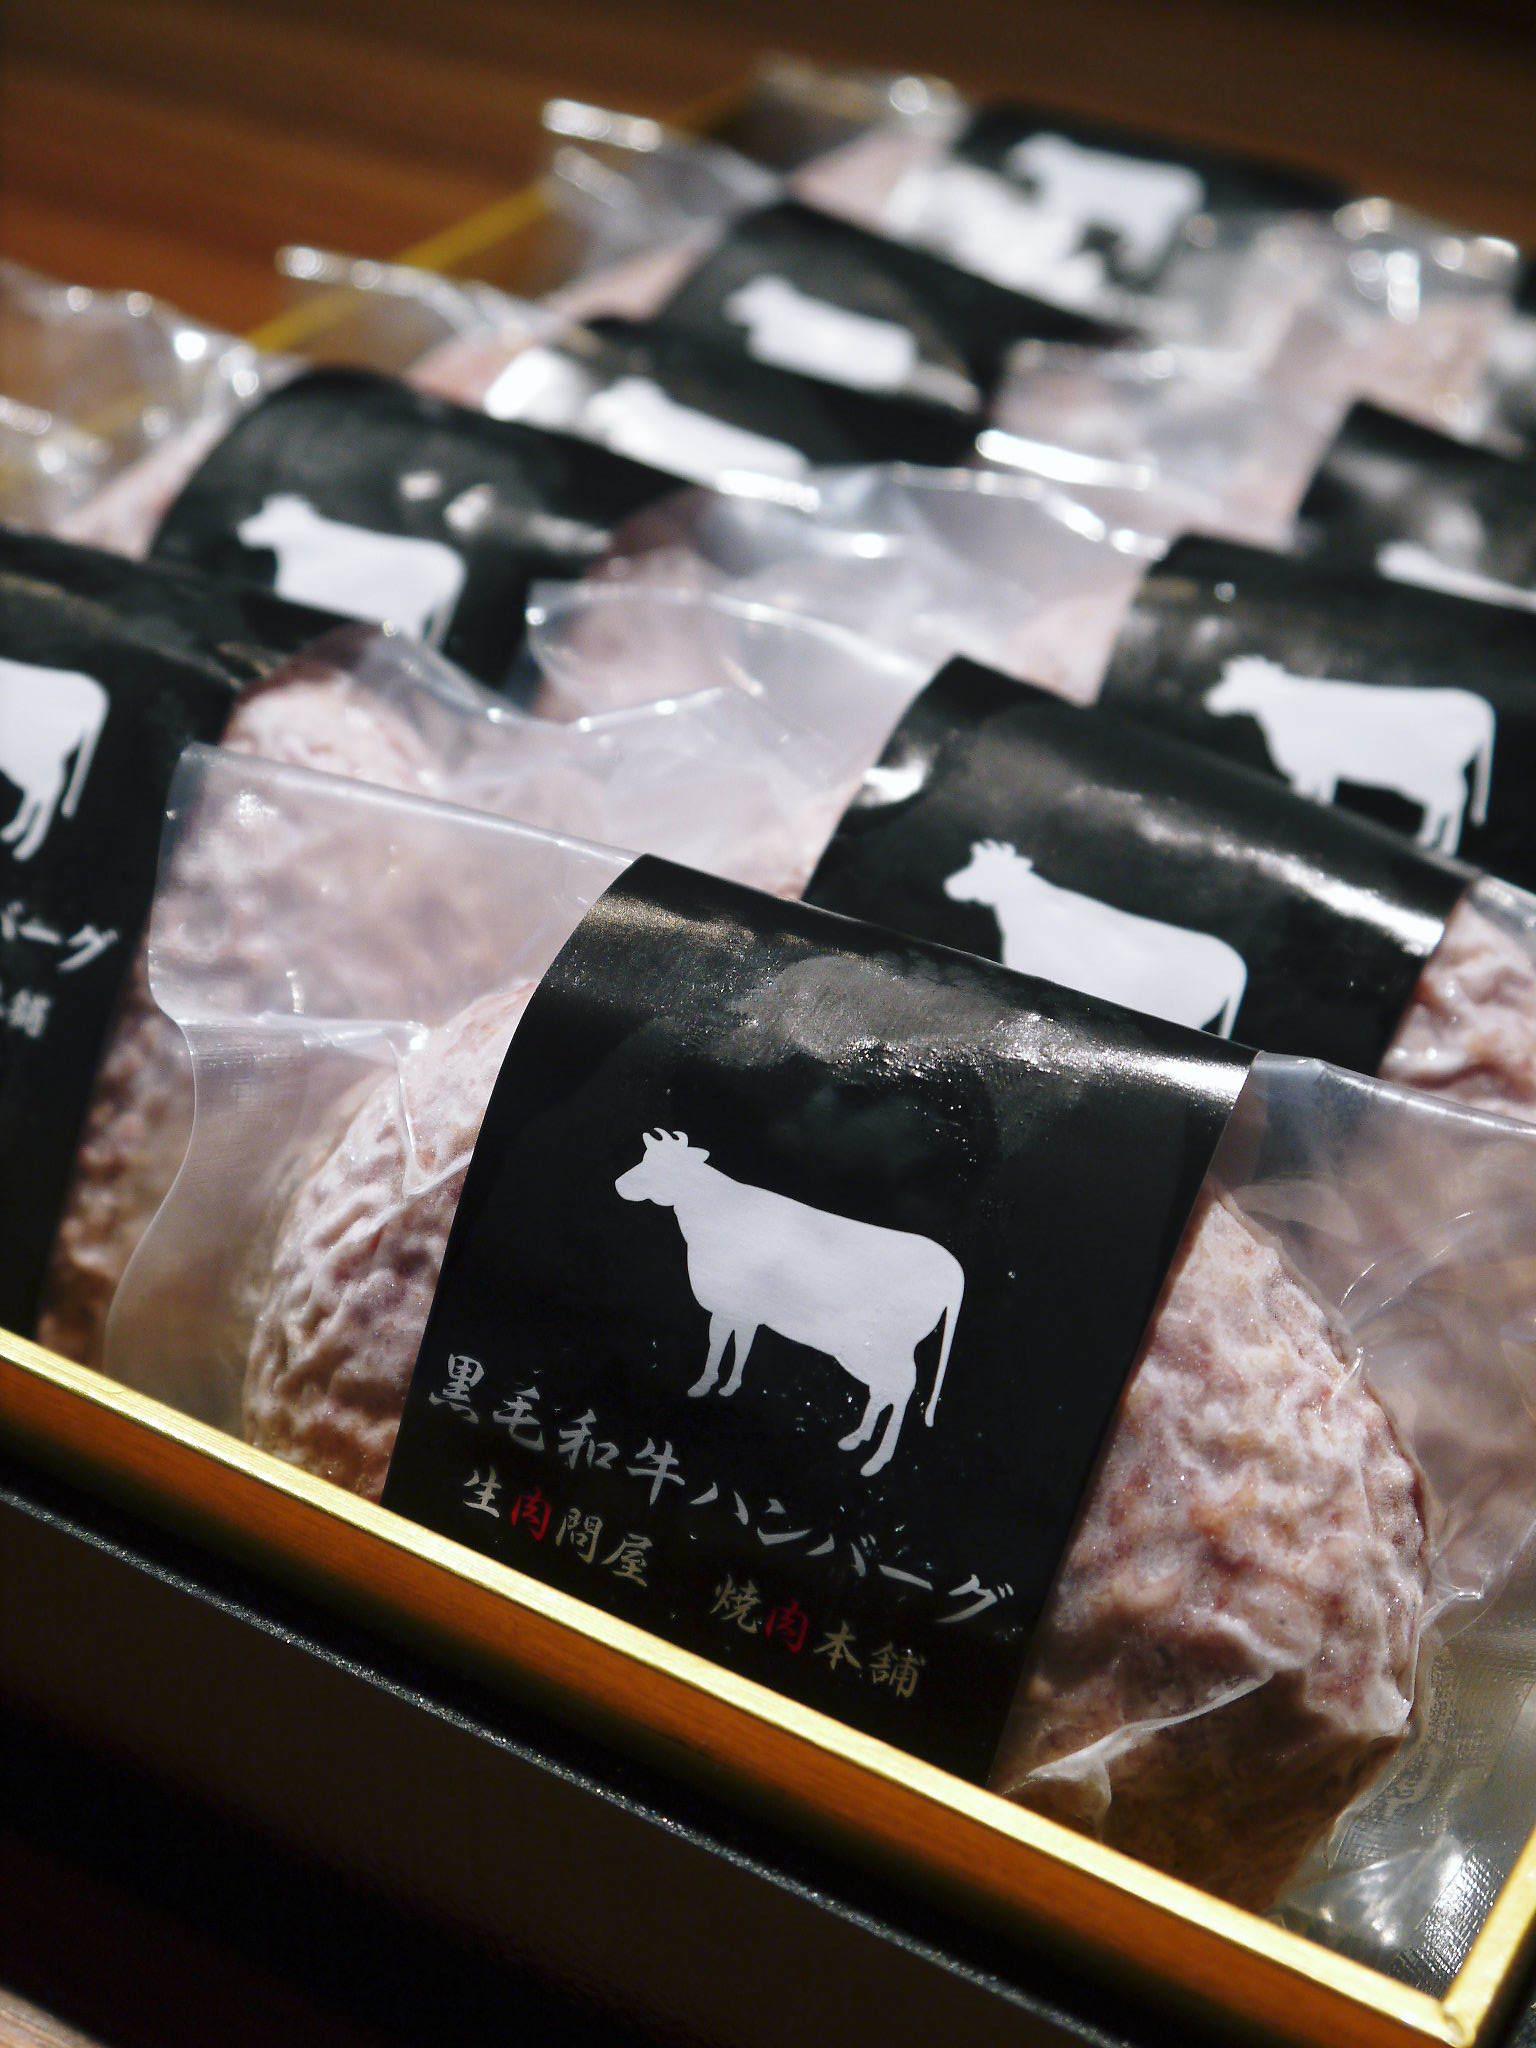 お待たせしました!熊本県産の黒毛和牛を100%のハンバーグステーキ!次回は8月20日(木)に出荷します!_a0254656_18033253.jpg